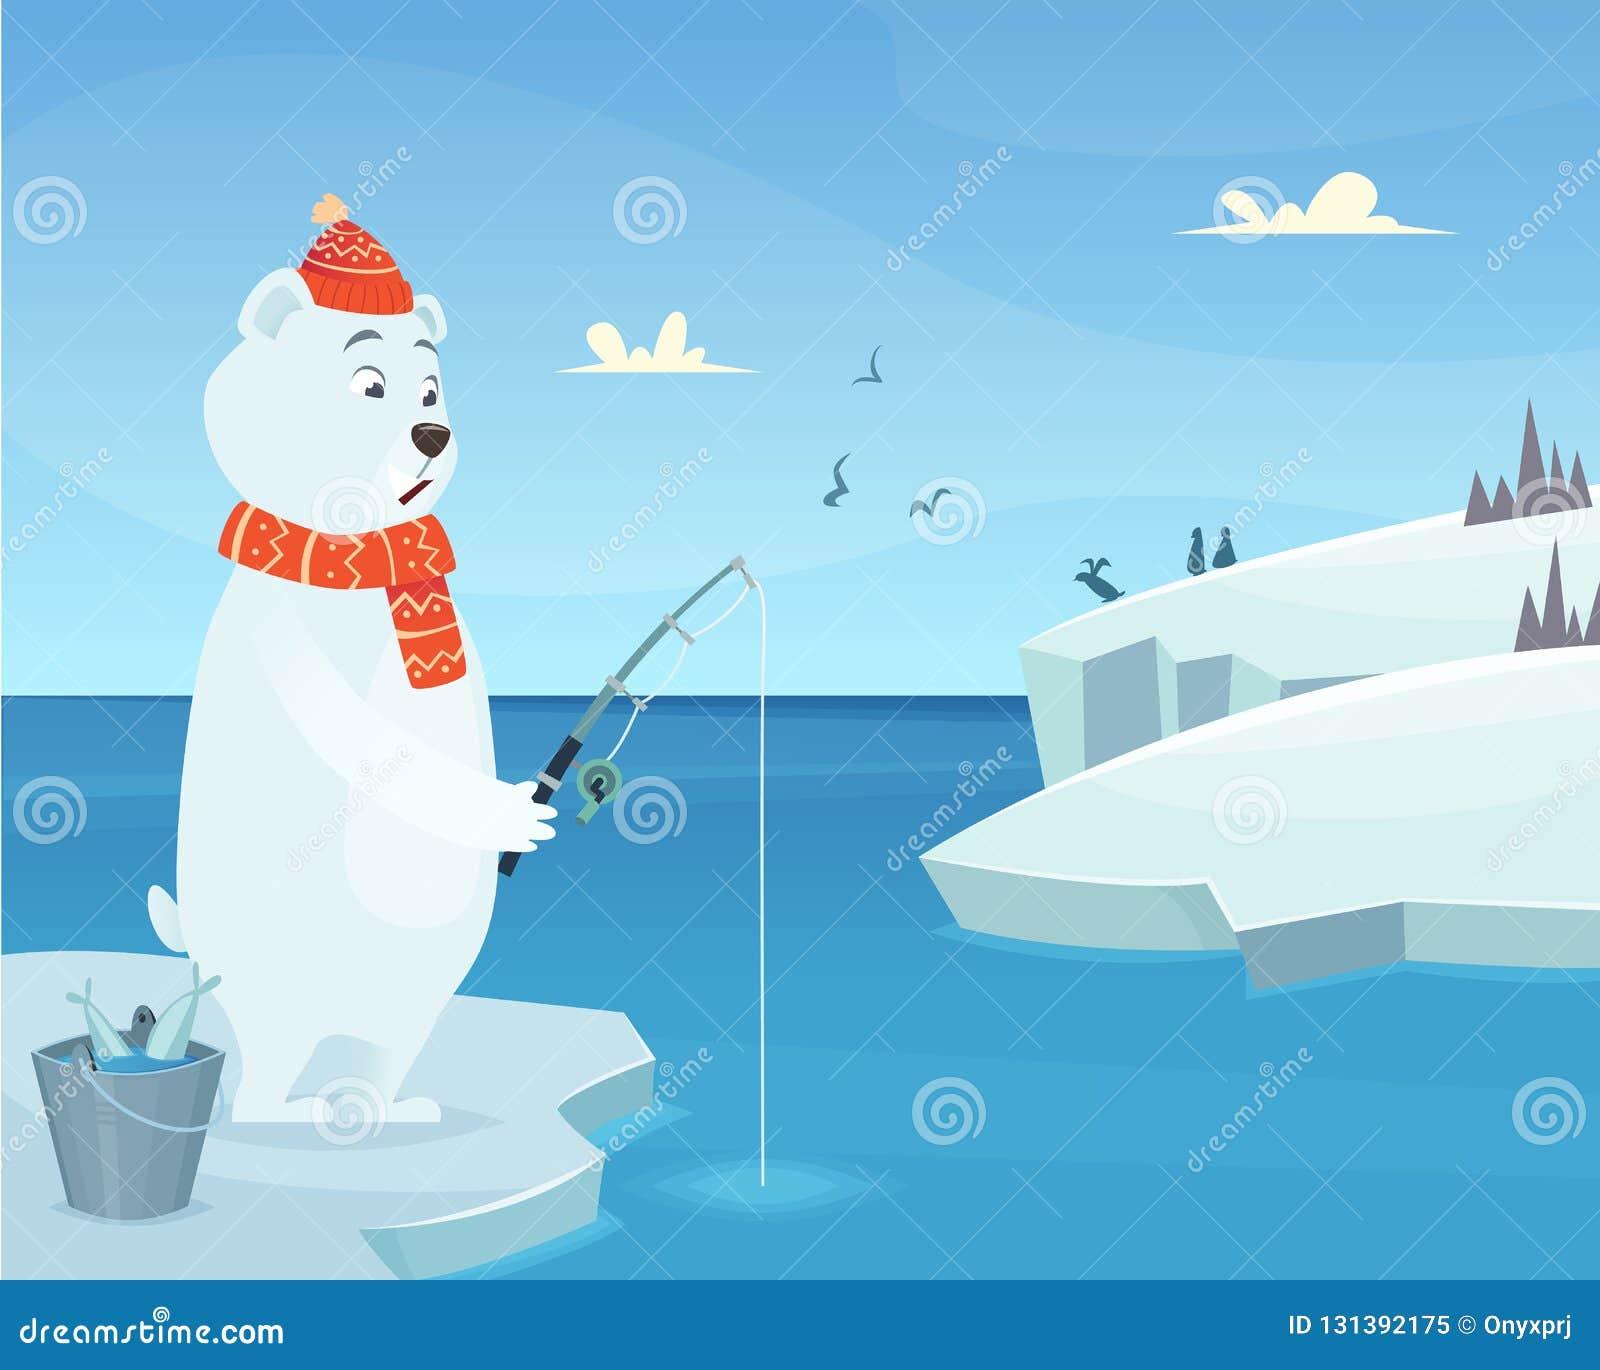 White Bear Background Iceberg Ice Winter Animal Standing Vector